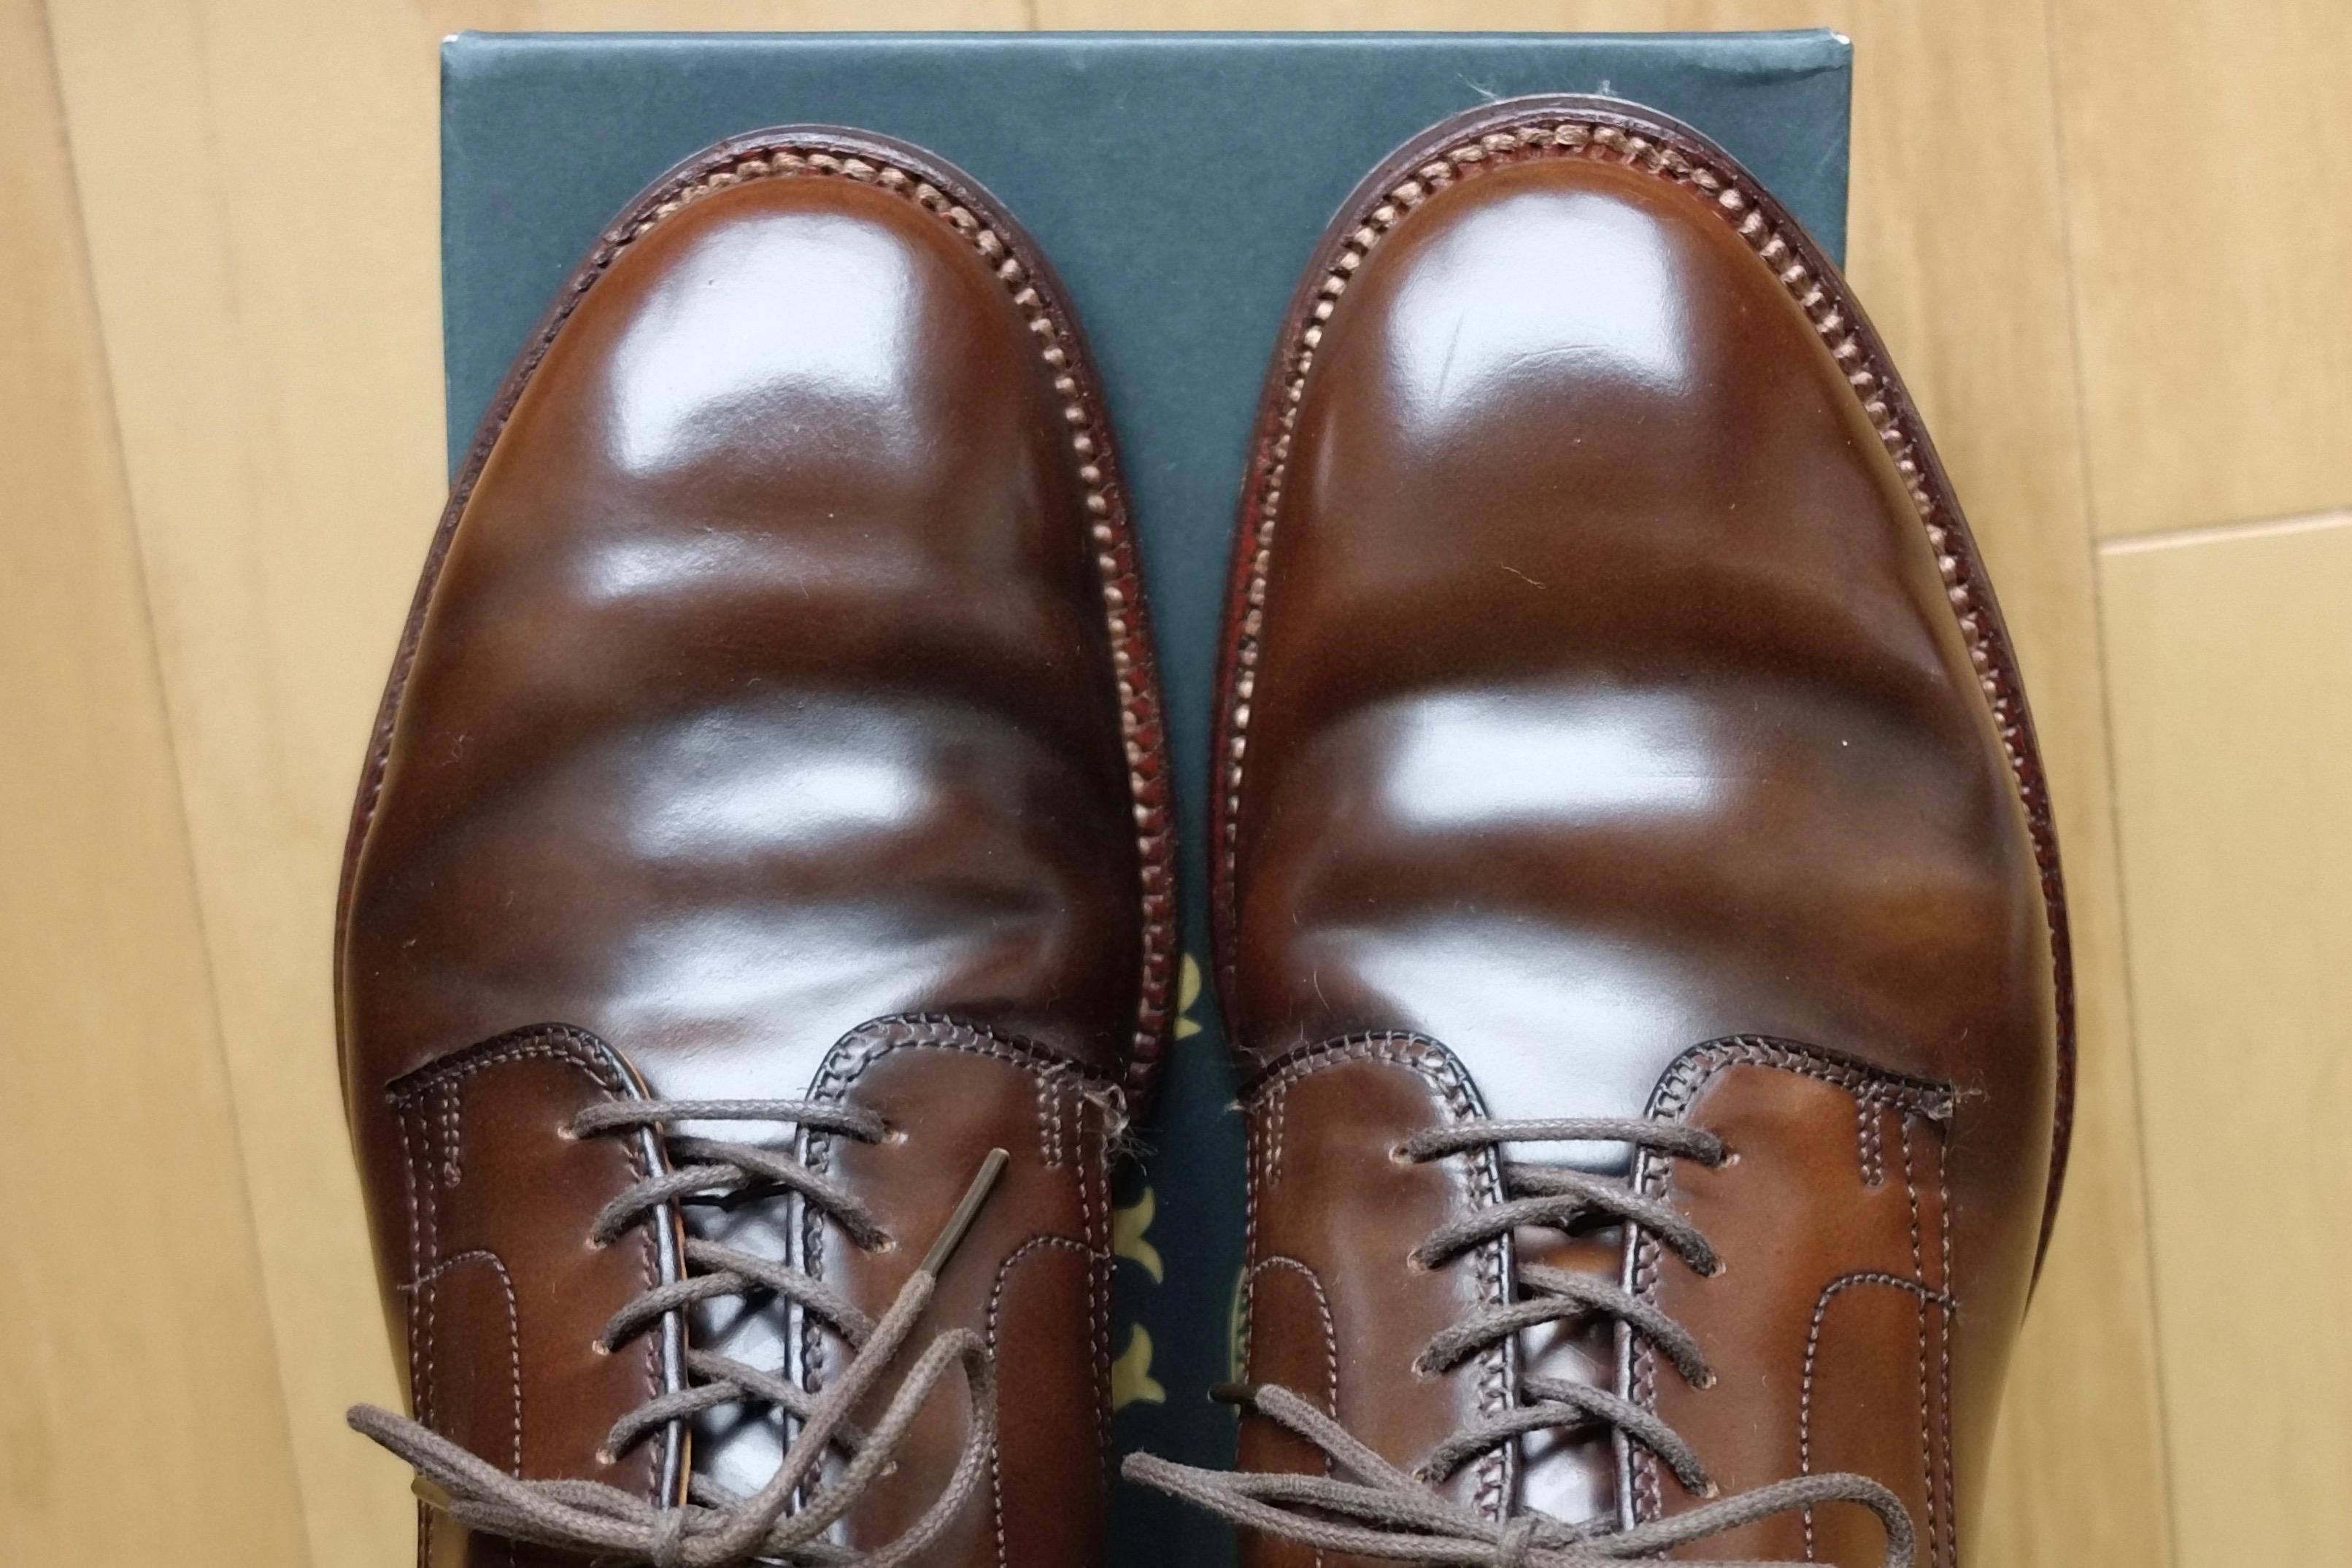 革靴についたシワの取り方とシワが当たって痛いときの対処法